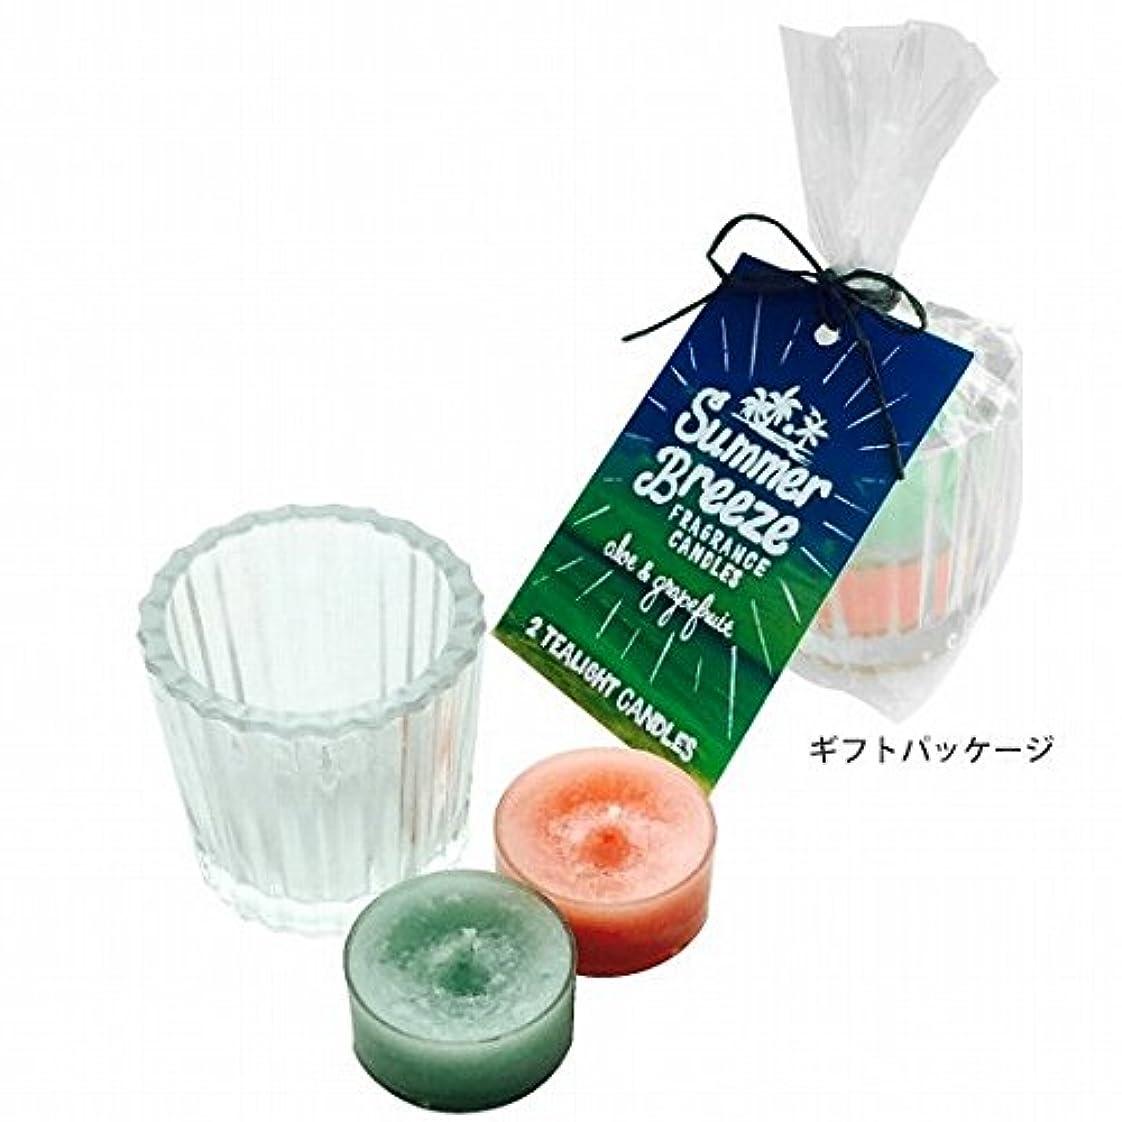 排出欠員強度カメヤマキャンドル(kameyama candle) サマーブリーズティーライトキャンドルセット